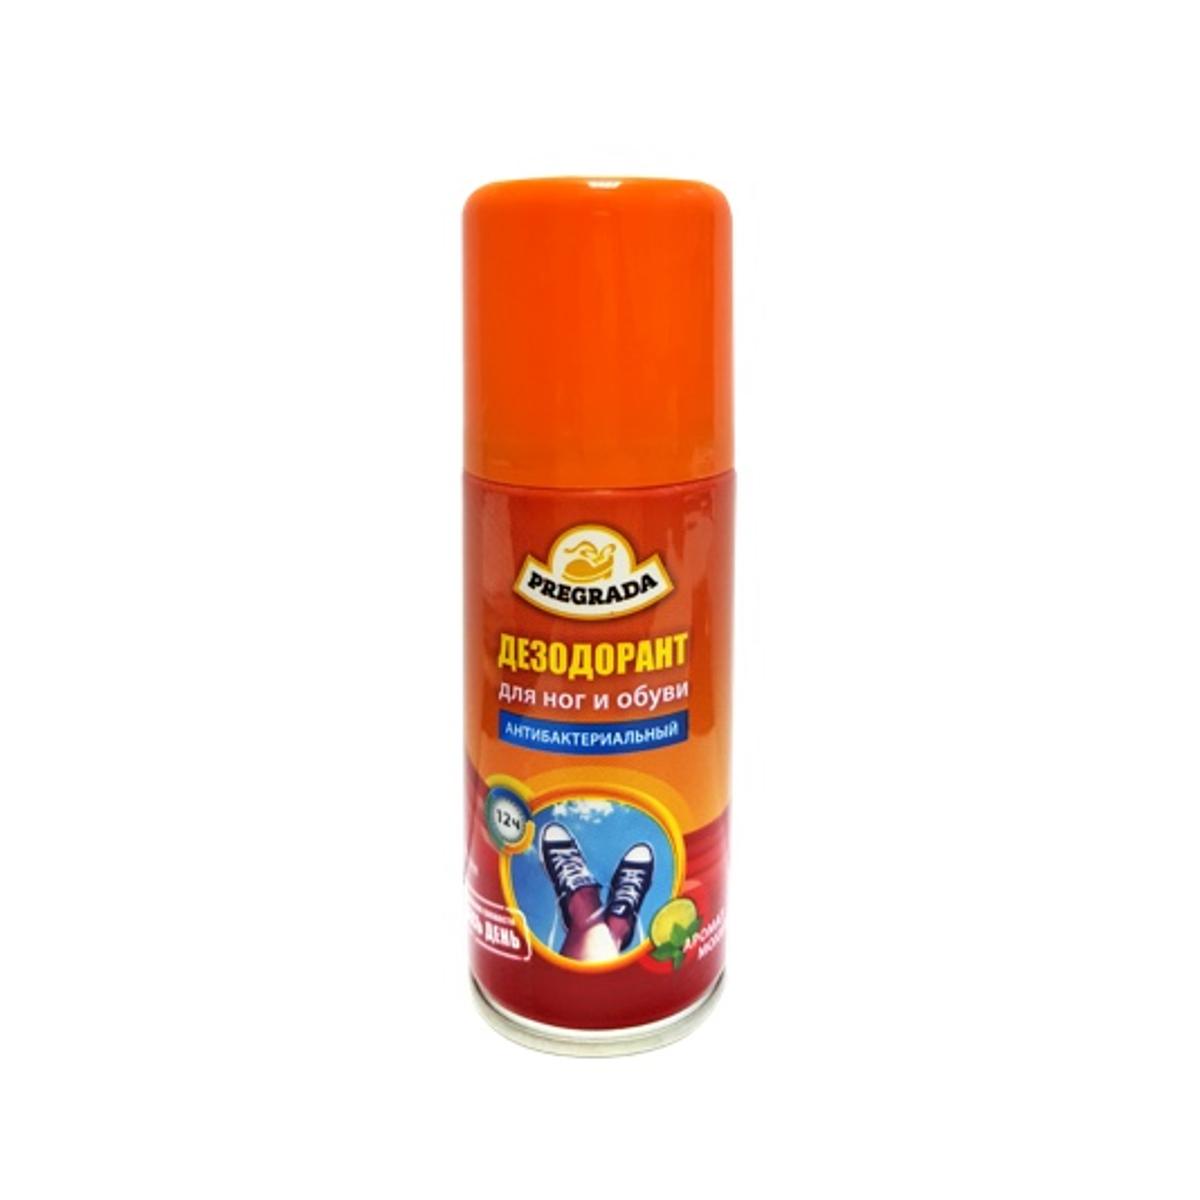 Аэрозоль дезодорант для ног и обуви Pregrada Защита от запахаHS.050004Pregrada универсальный дезодорант для ног и обуви АНТИБАКТЕРИАЛЬНЫЙ 100мл с приятным запахом мохито превосходно нетрализует неприятные запахи. Обеспечивает защиту ног и обуви от запаха на целый день! Противомикробное действие компонентов защищает от возникновения грибковых инфекций. Идеально подходит для занятий спортом и активного отдыха.Способ применения: Перед употреблением встряхнуть баллон . Распылять на чистую и сухую кожу стоп. Уделите особое внимание местам между пальцами ног, где расположены источники пота. Распылить на внутреннюю поверхность обуви, дать высохнуть. Рекомендуется повторять процедуру до и после ношения. Меры предосторожности:Беречь от детей! Огнеопасно! Хранить в сухом прохладном месте вдали от прямых солнечных лучей. Состав: пропан, бутан, изобутан , растворитель ,пропиленгликоль, триклозан ,парфюмерная композиция